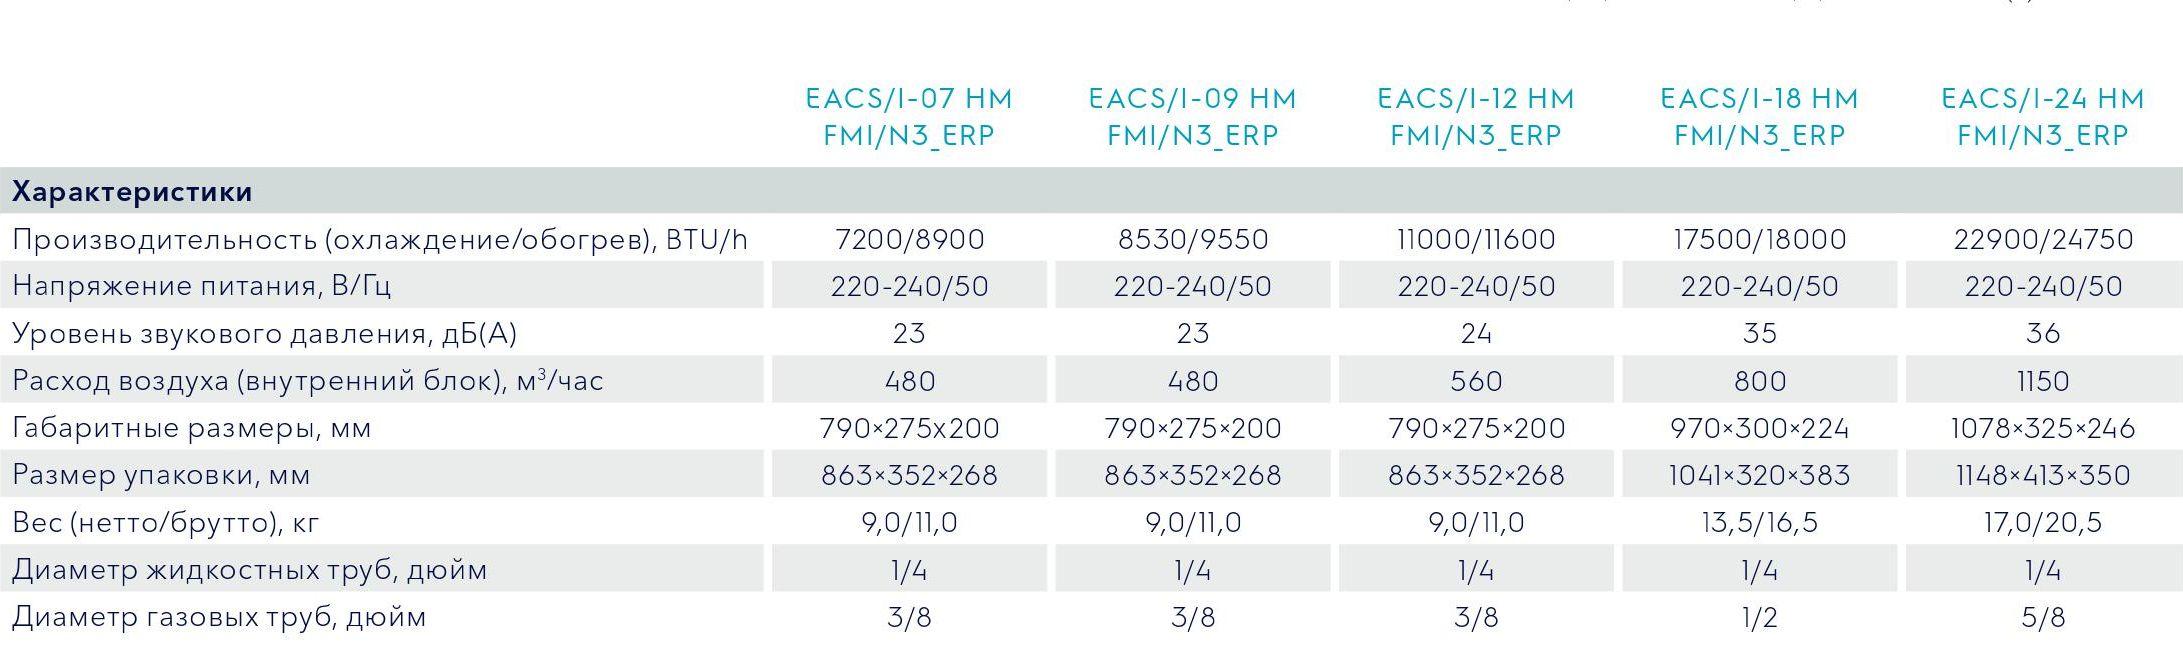 EACS I HM FMI N3 ERP